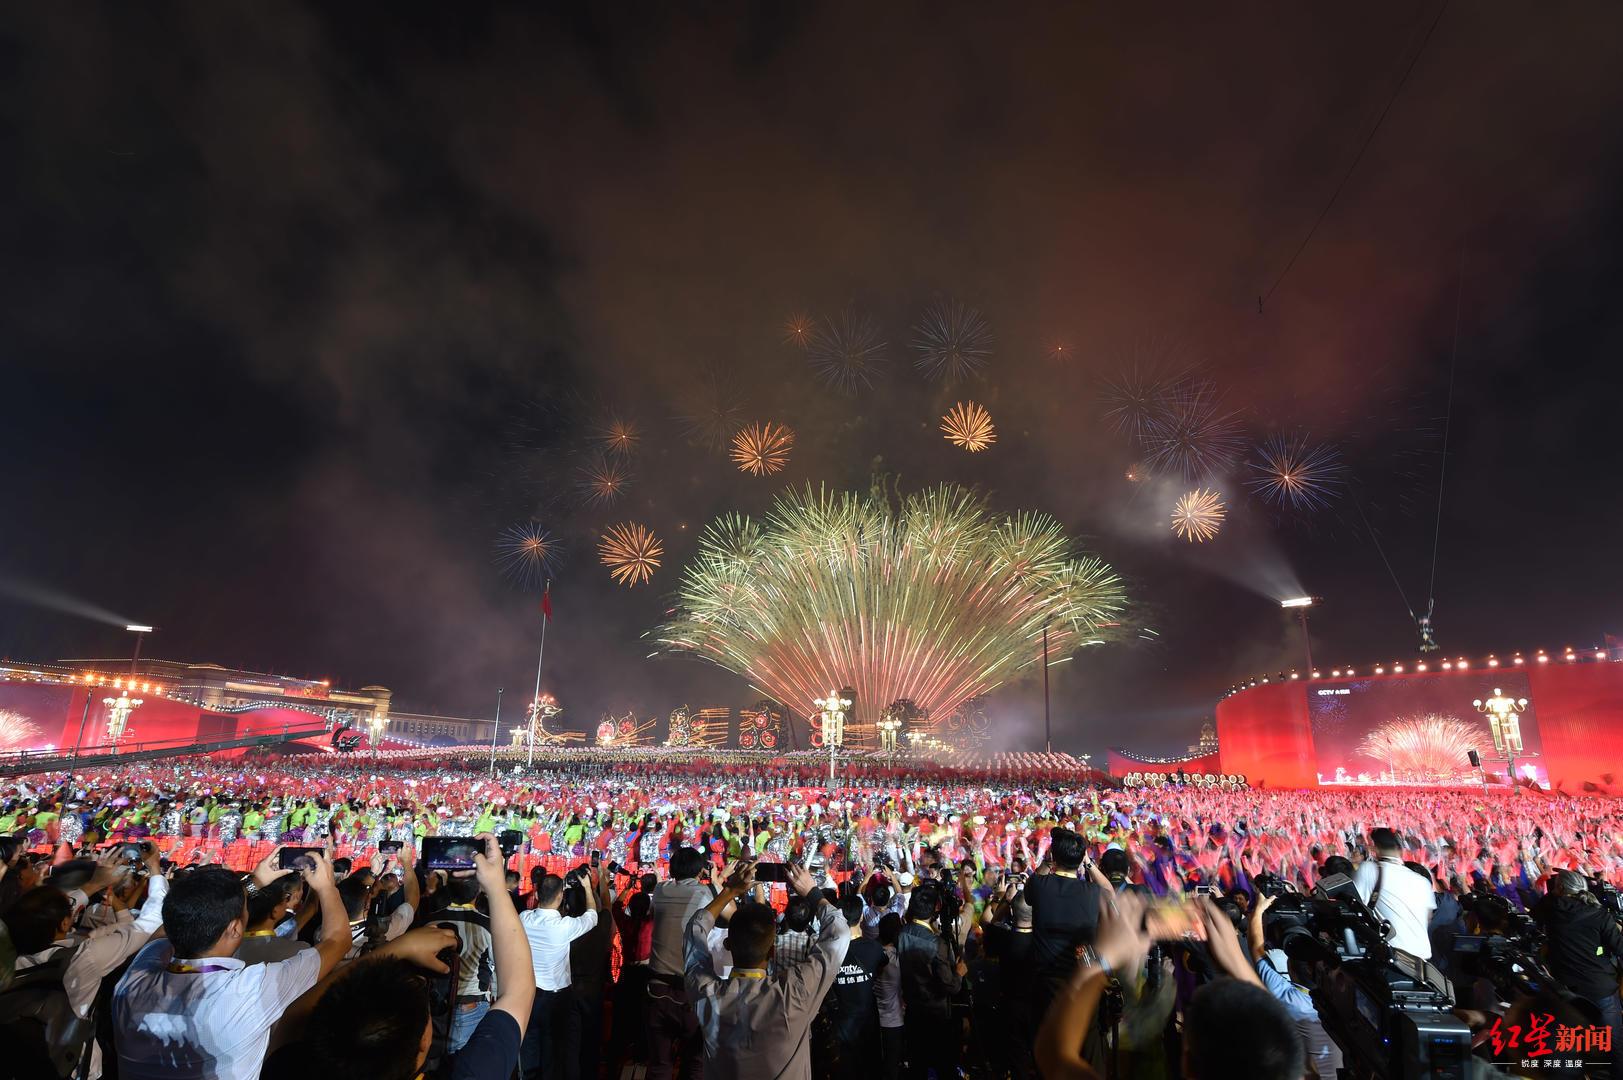 ↑烟花璀璨,北京的夜空被盛大而绚丽的烟火照亮。 图据IC photo